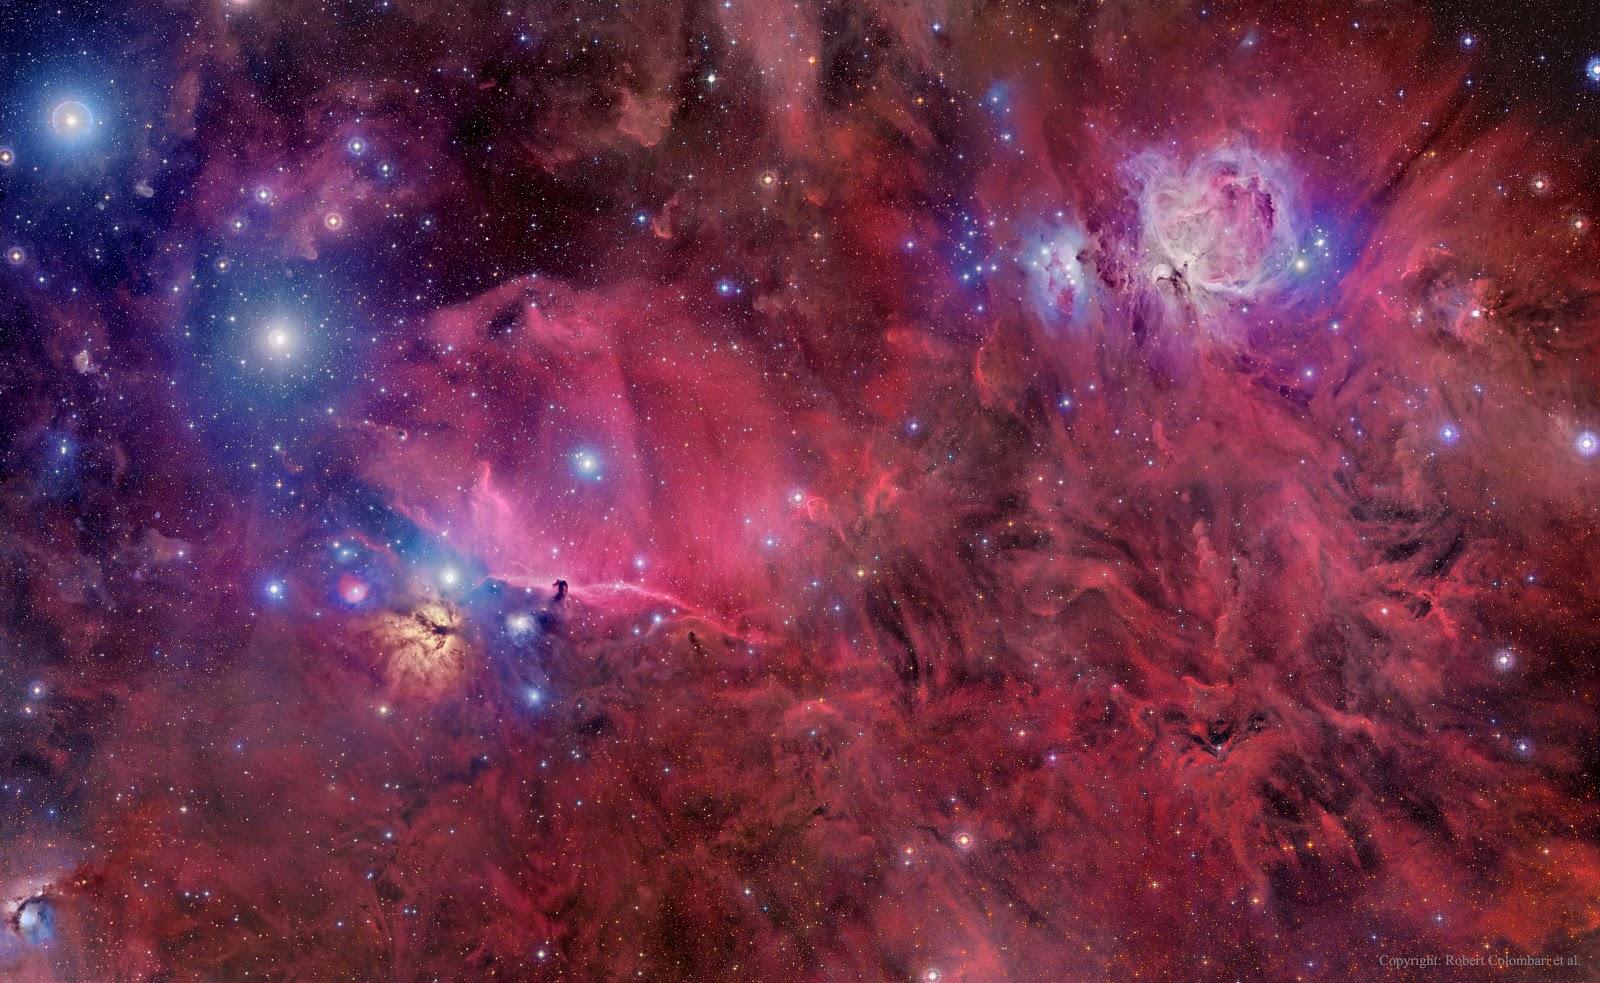 Orion cùng những đám bụi, khí và những ngôi sao. Bản quyền hình ảnh : Roberto Colombari, Robert Gendler & Federico Pelliccia; Dữ liệu : DSS PLOSS II.